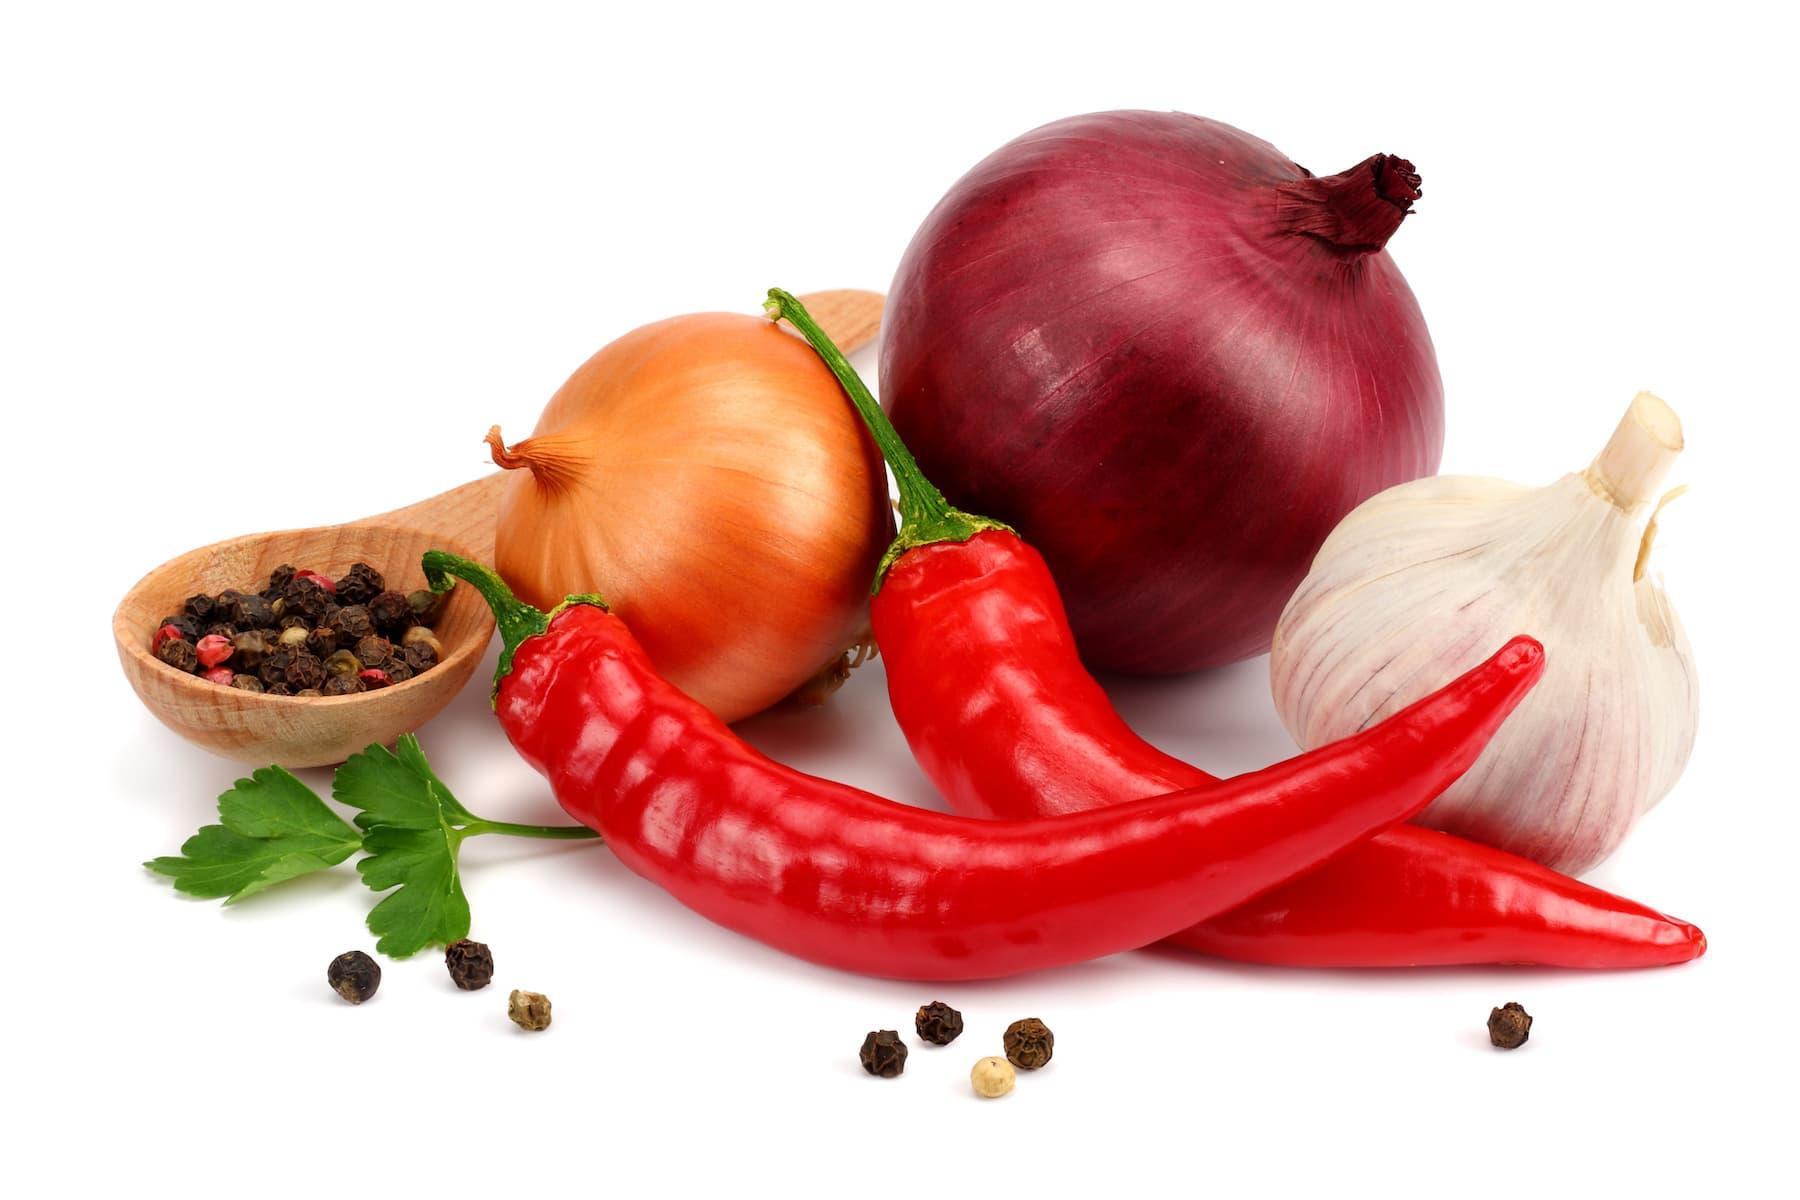 cebula, pieprz, czosnek i papryka